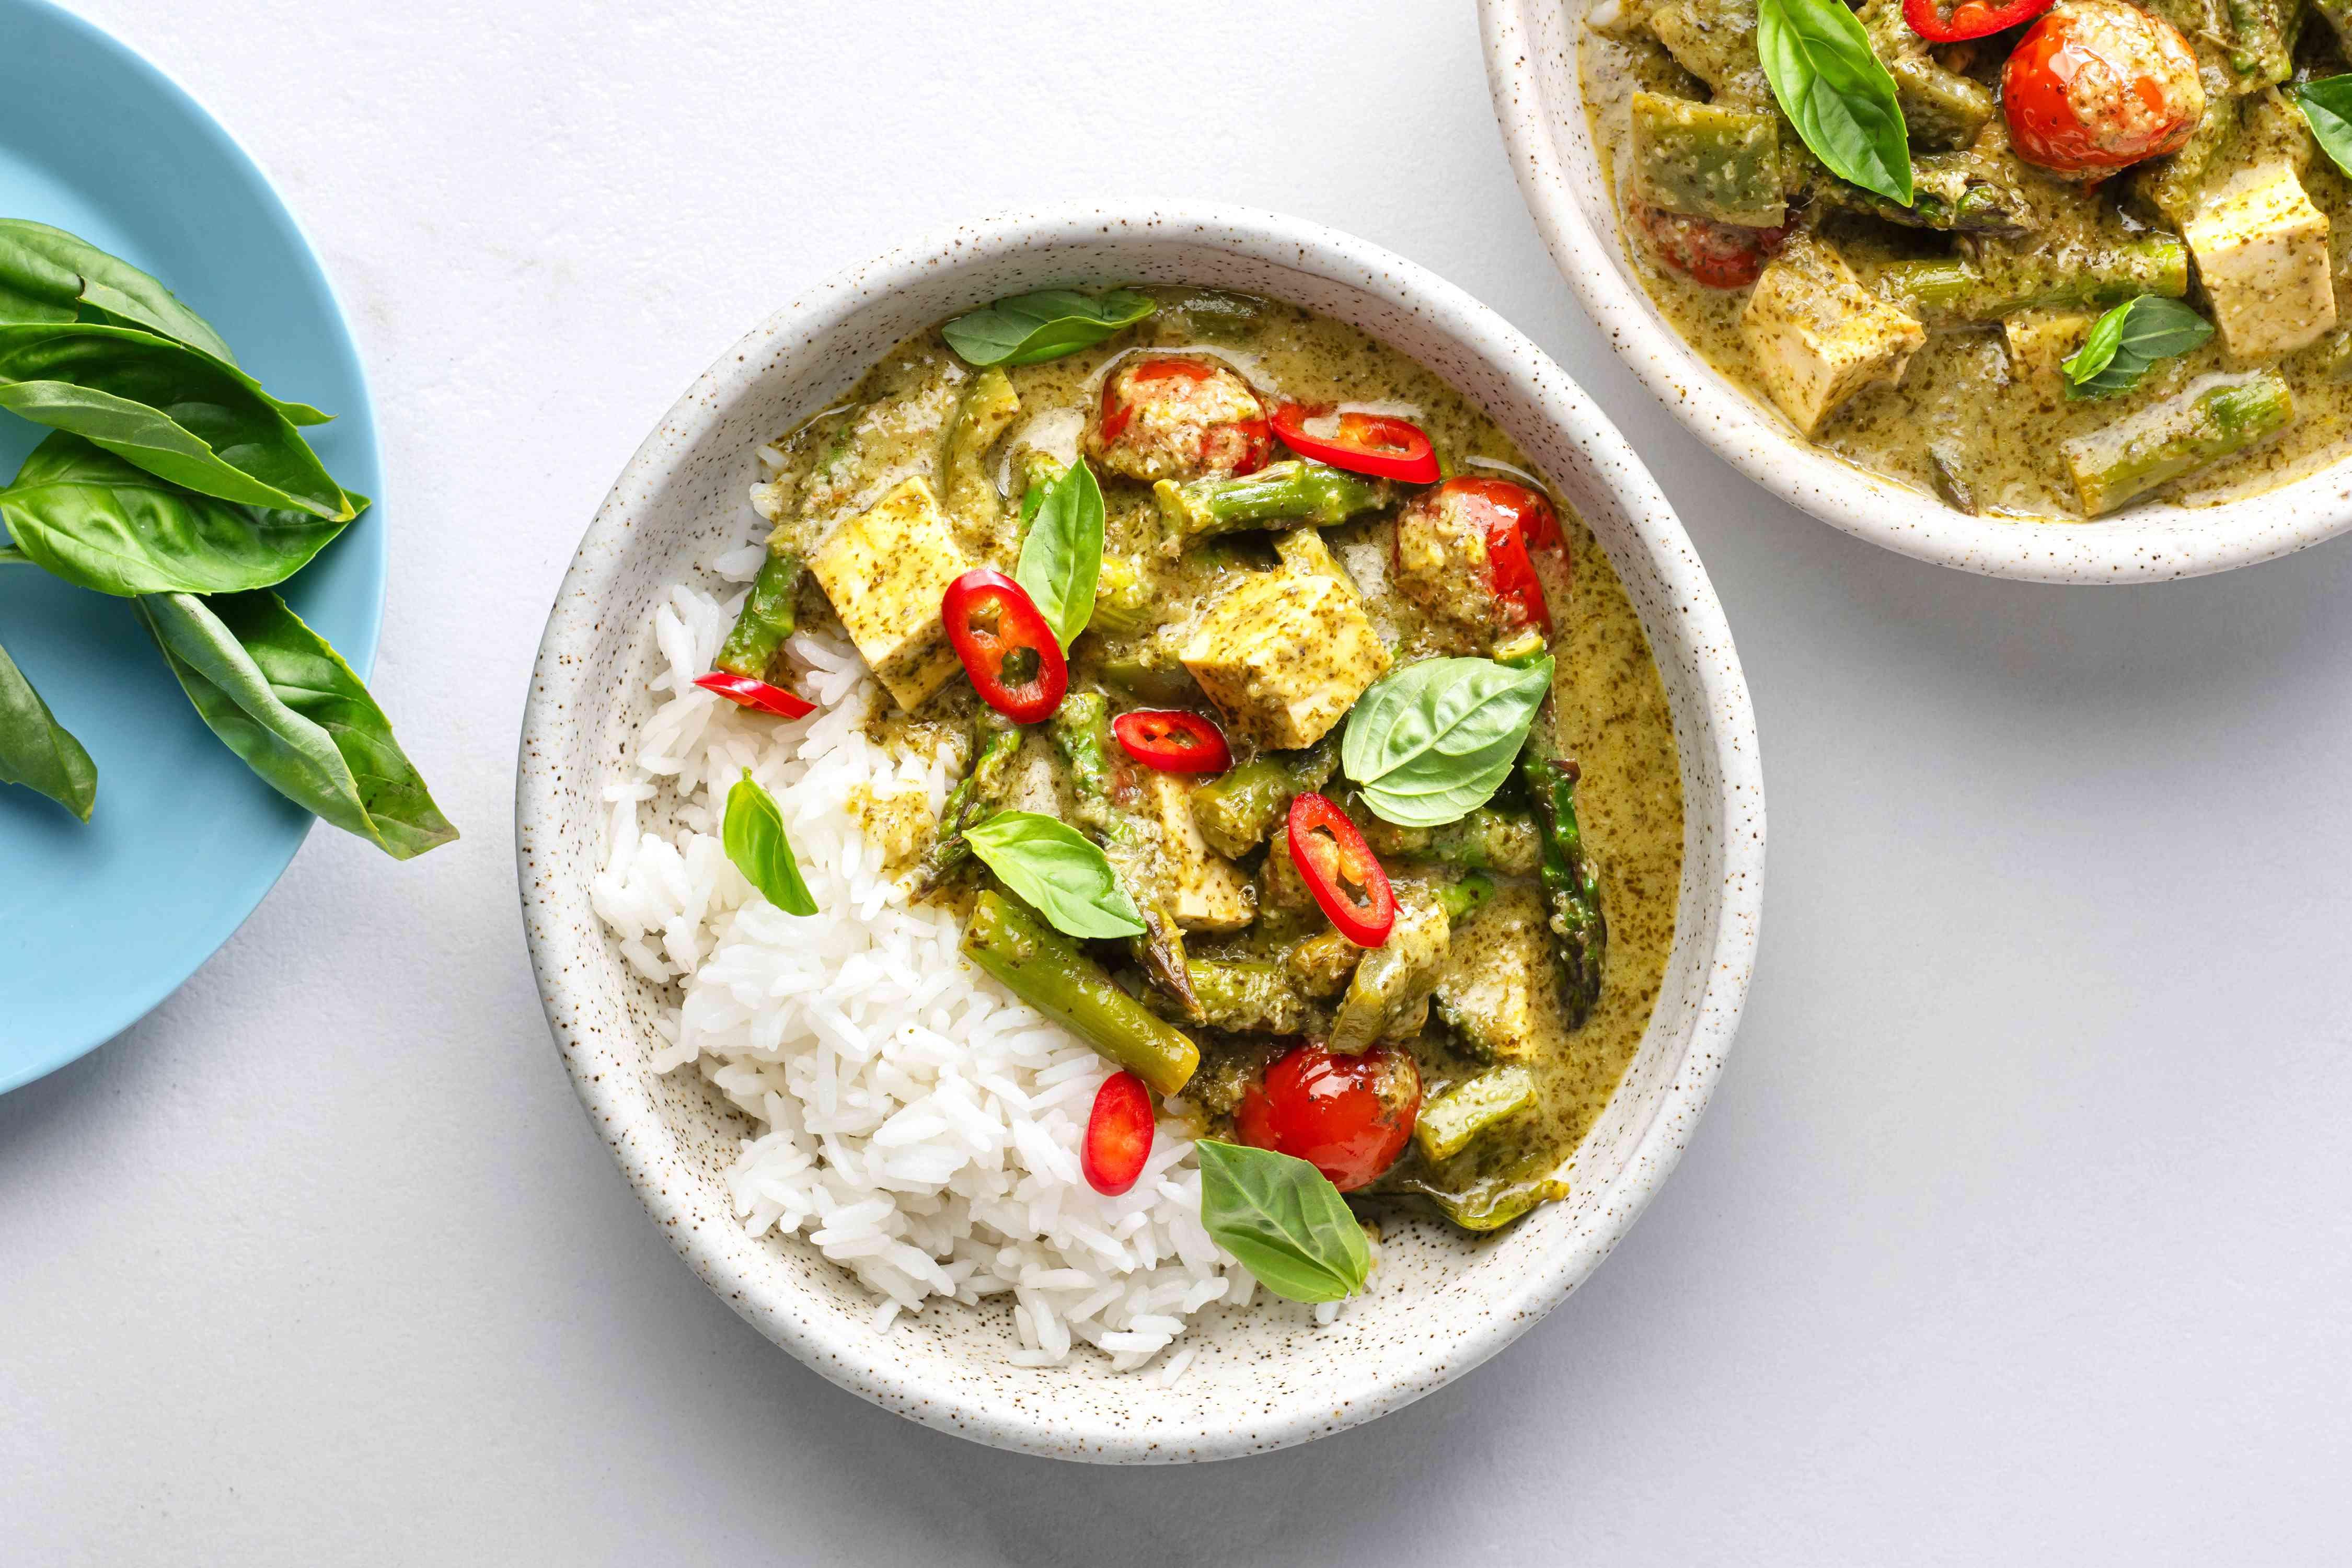 Vegetarian Thai Green Coconut Curry